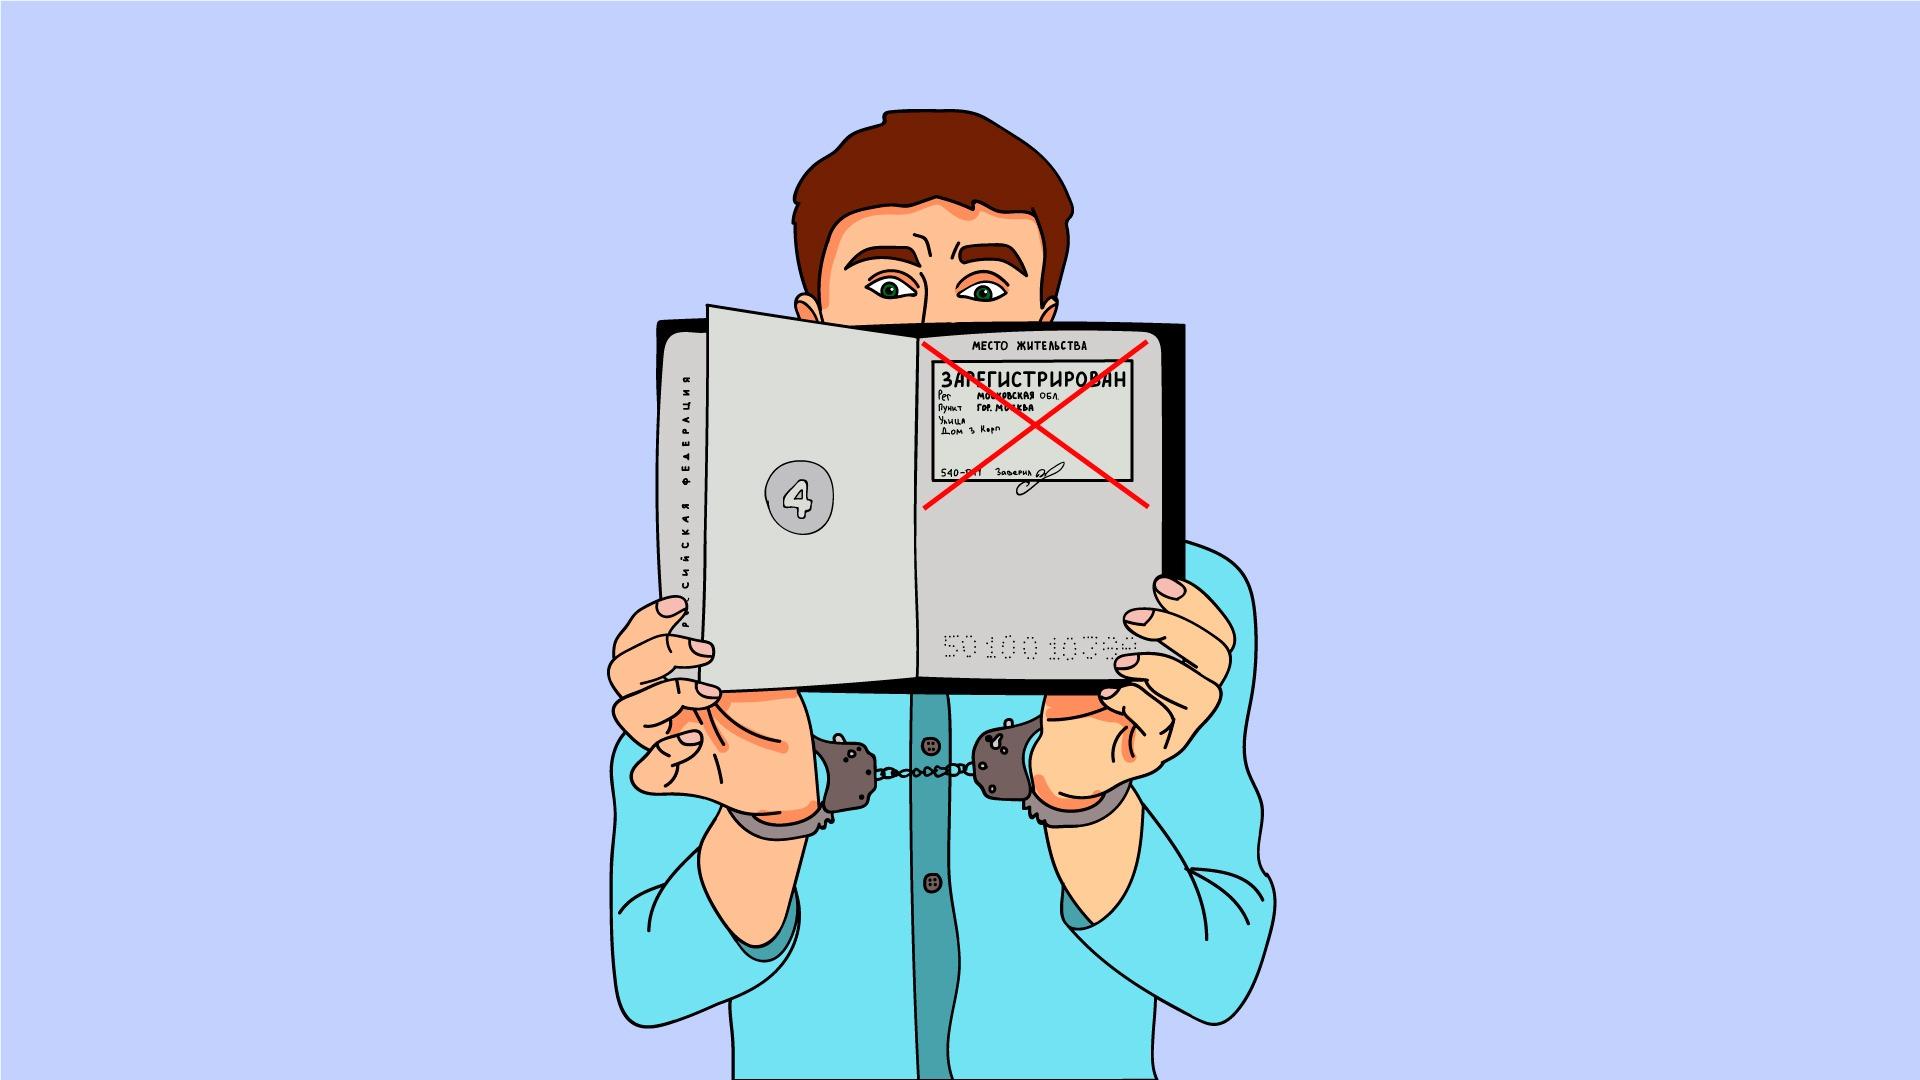 Прописка без права на жилплощадь – условия регистрации без разрешения на собственность и проживание